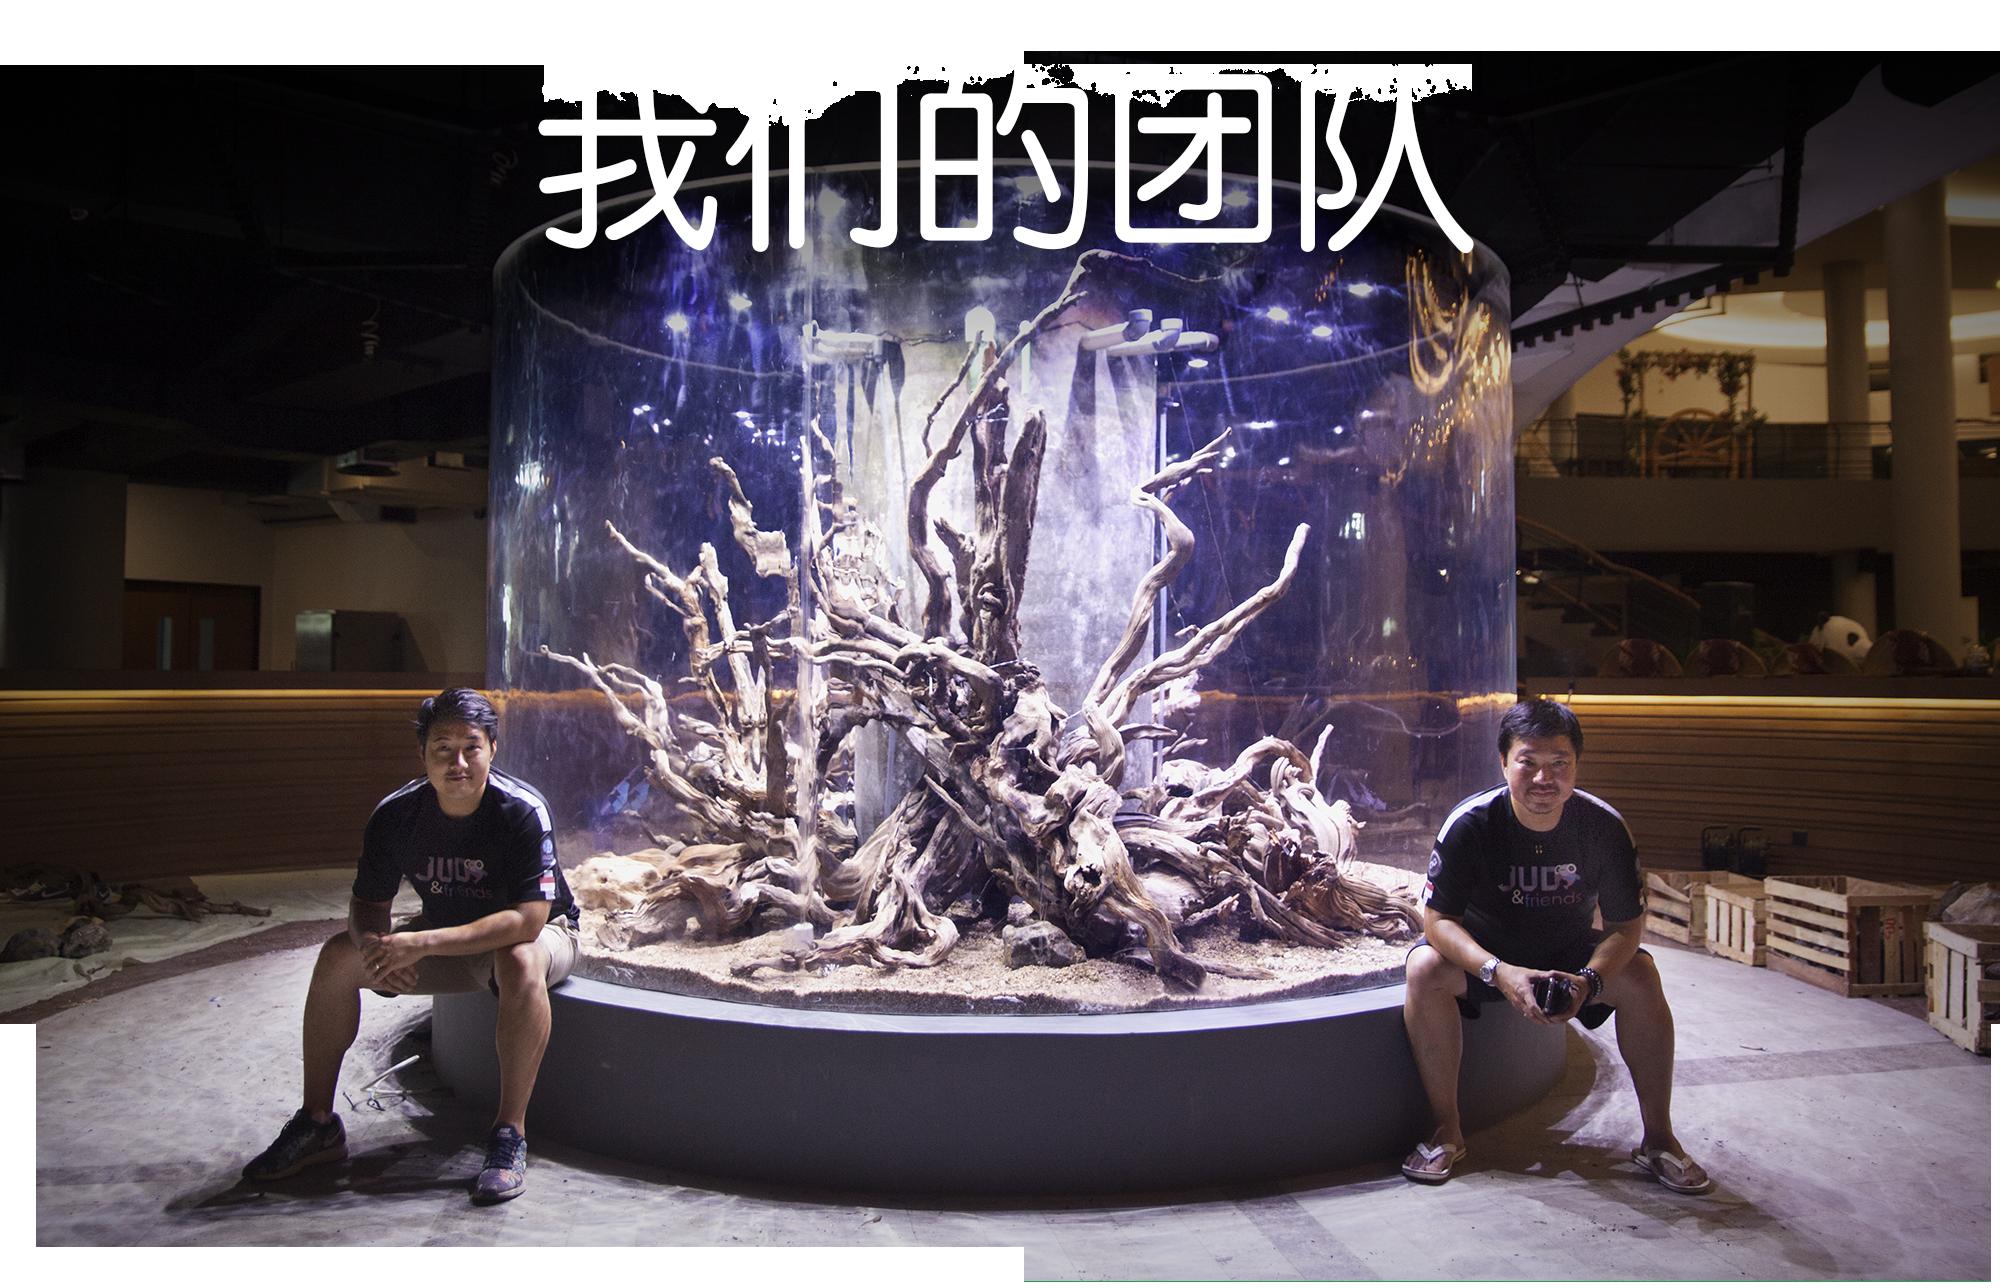 web_JudyandMark_Chinese.png